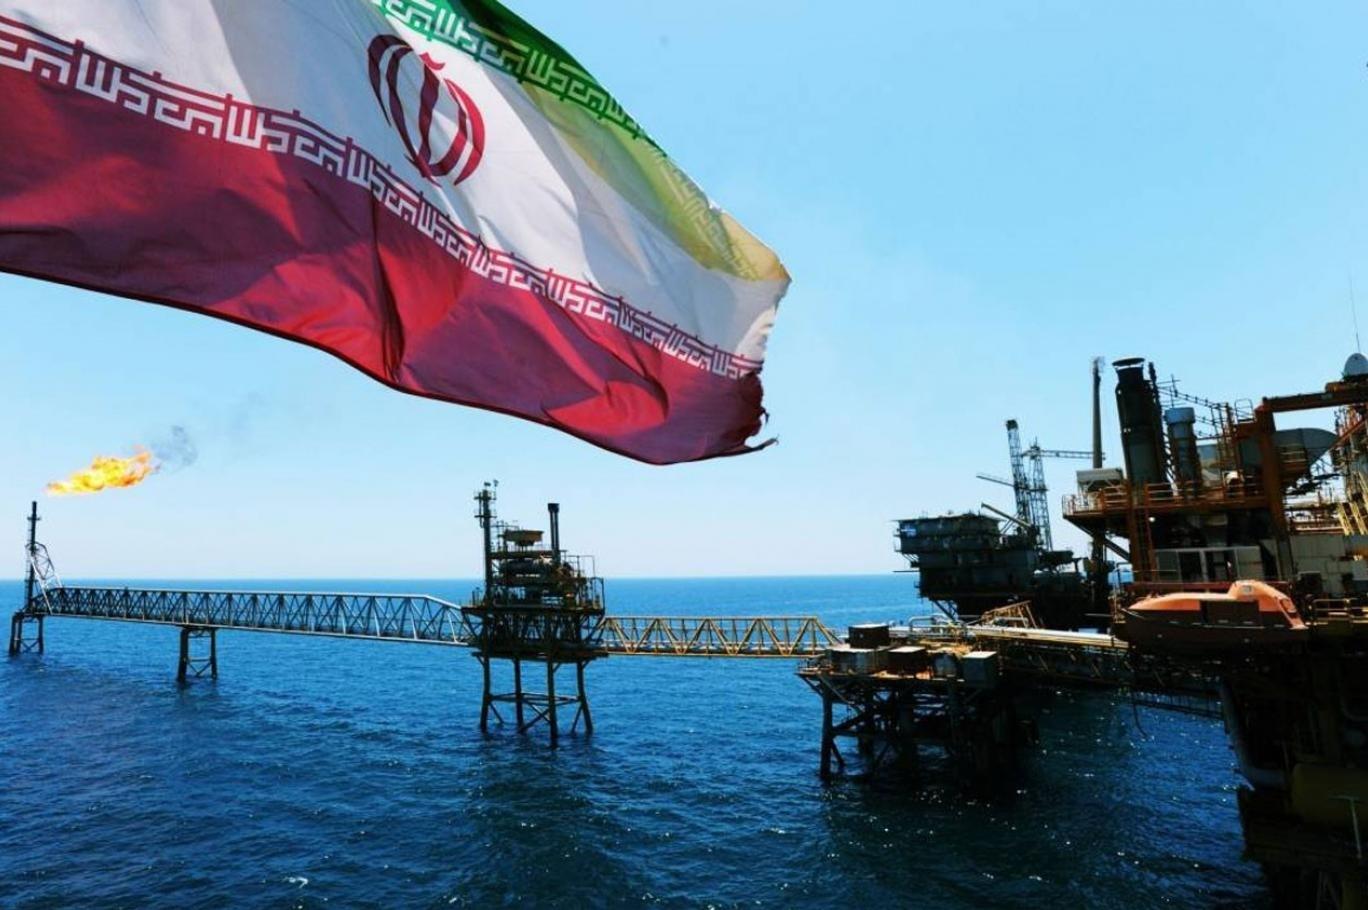 إيران ترفع إنتاجها النفطي إلى ستة آلاف برميل يومياً